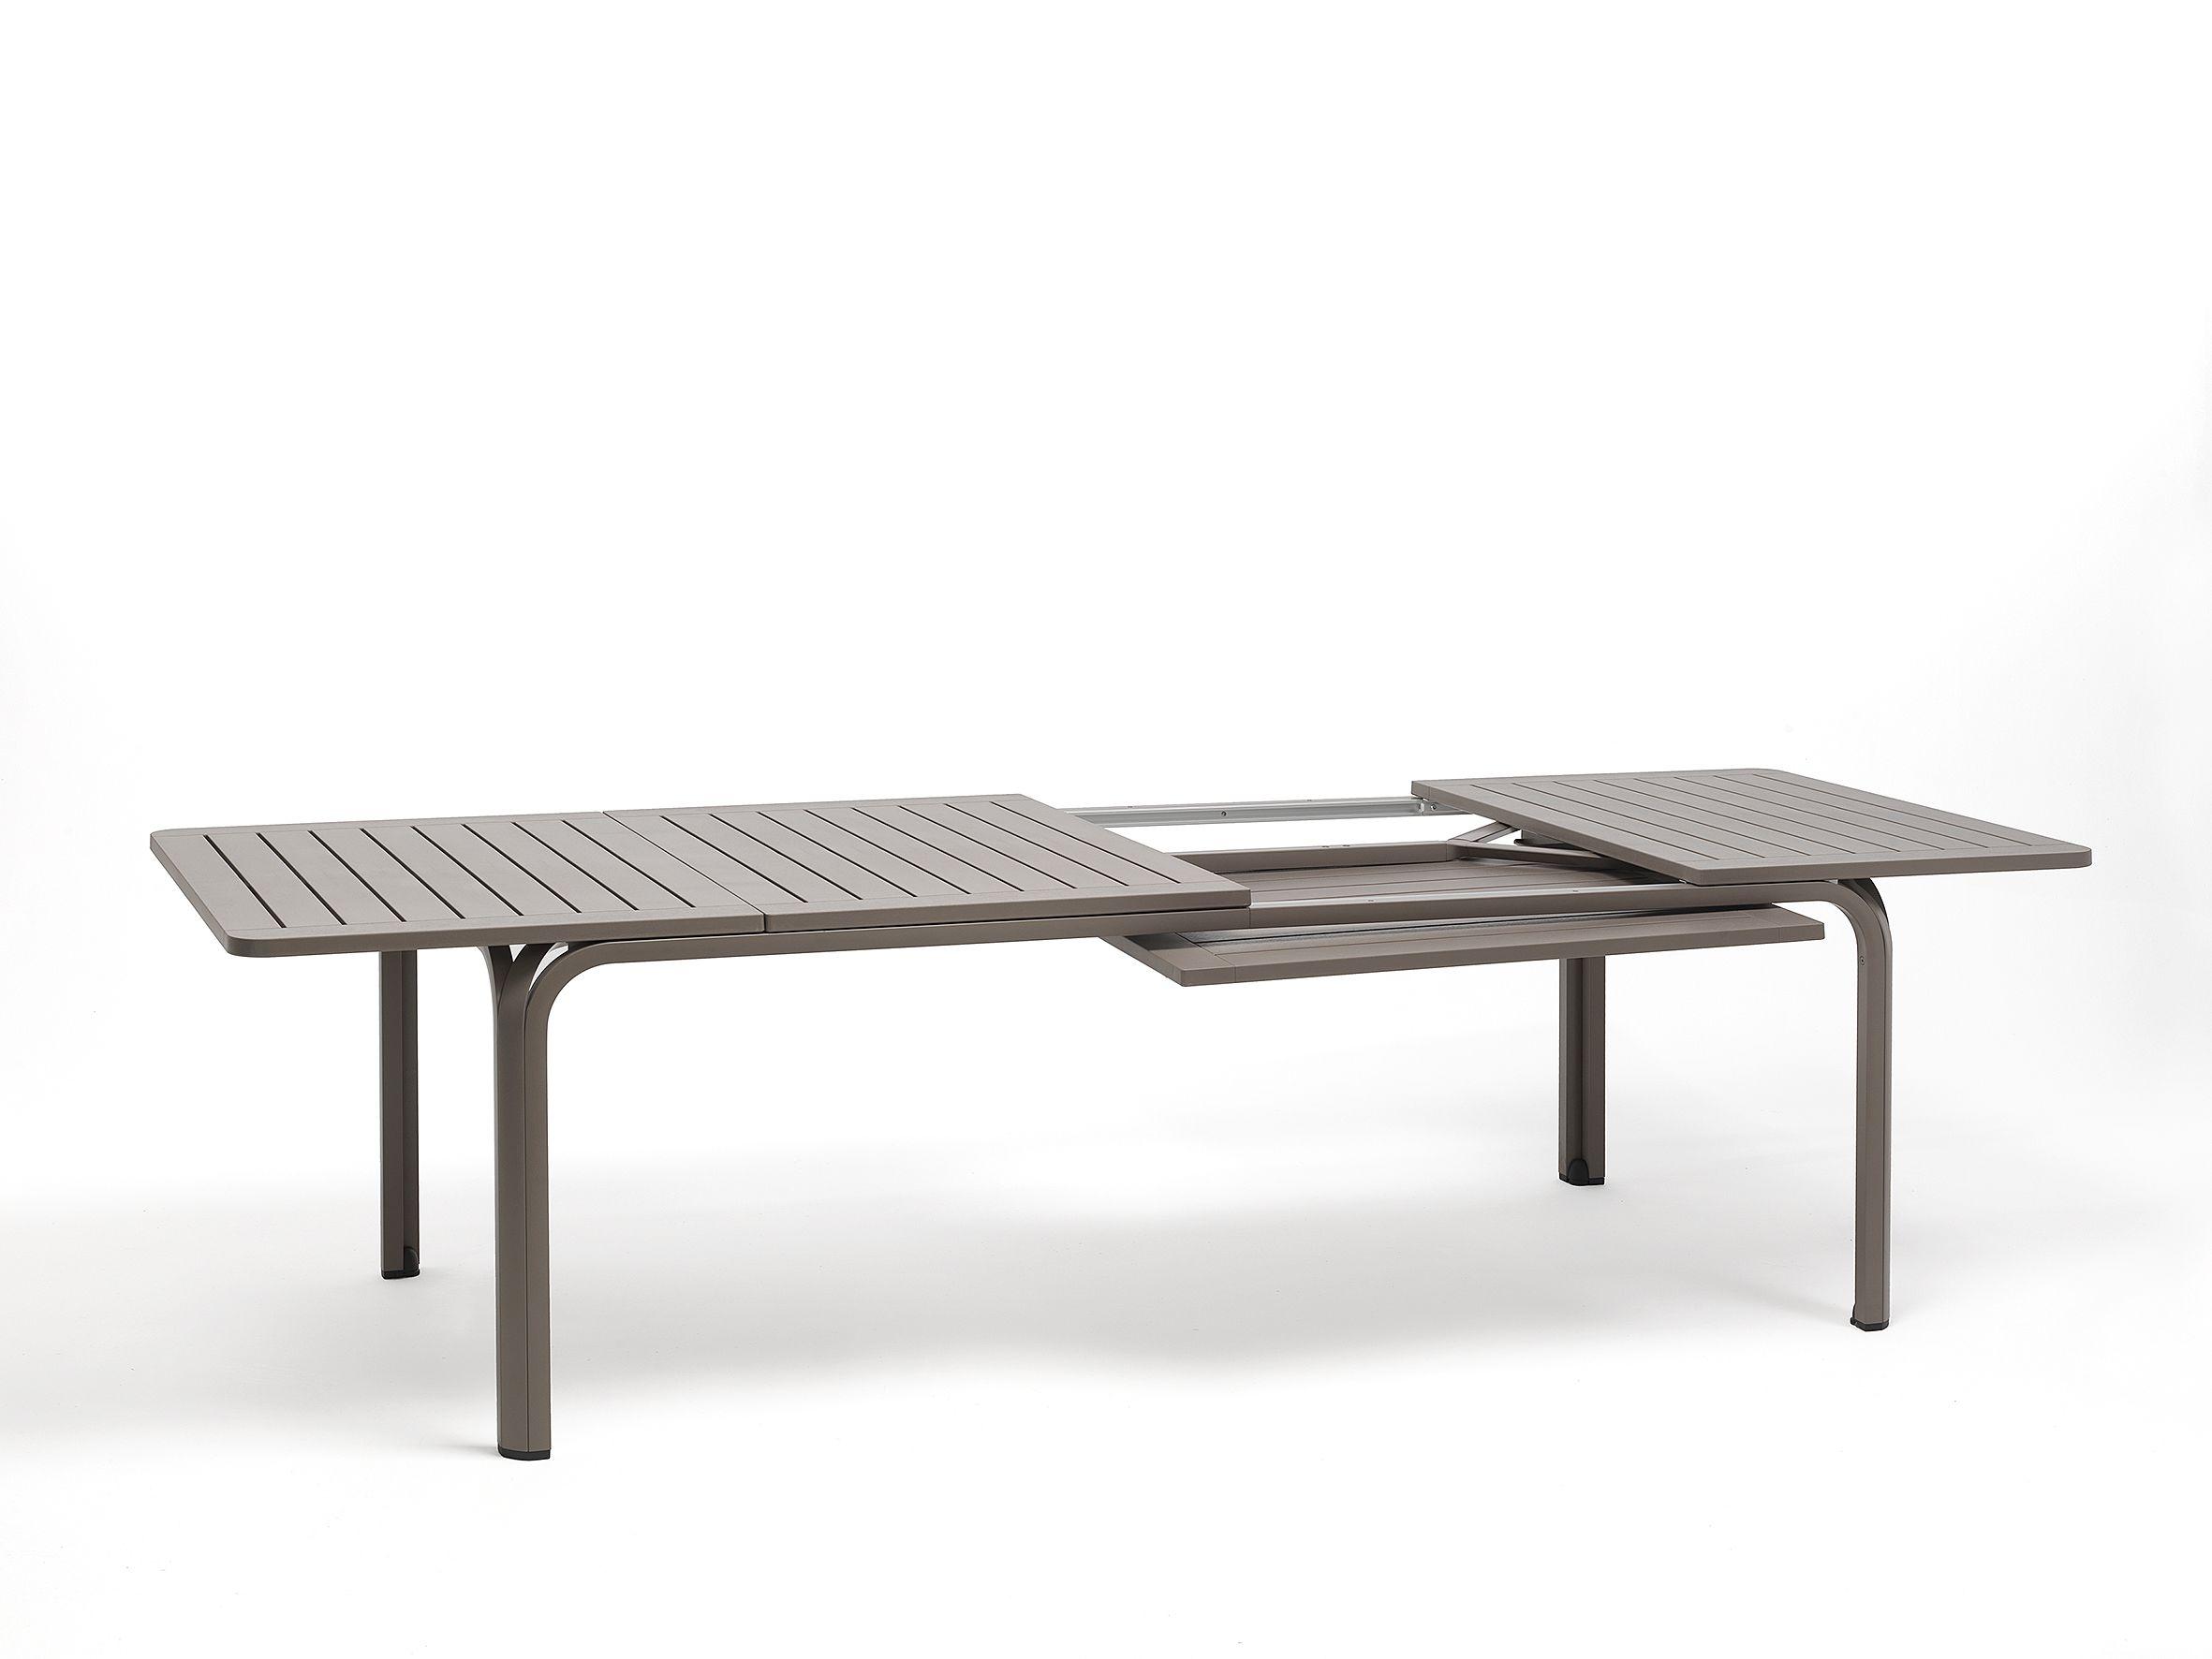 Nardi Alloro 210 280cm Extension Table Open Partial Extendable